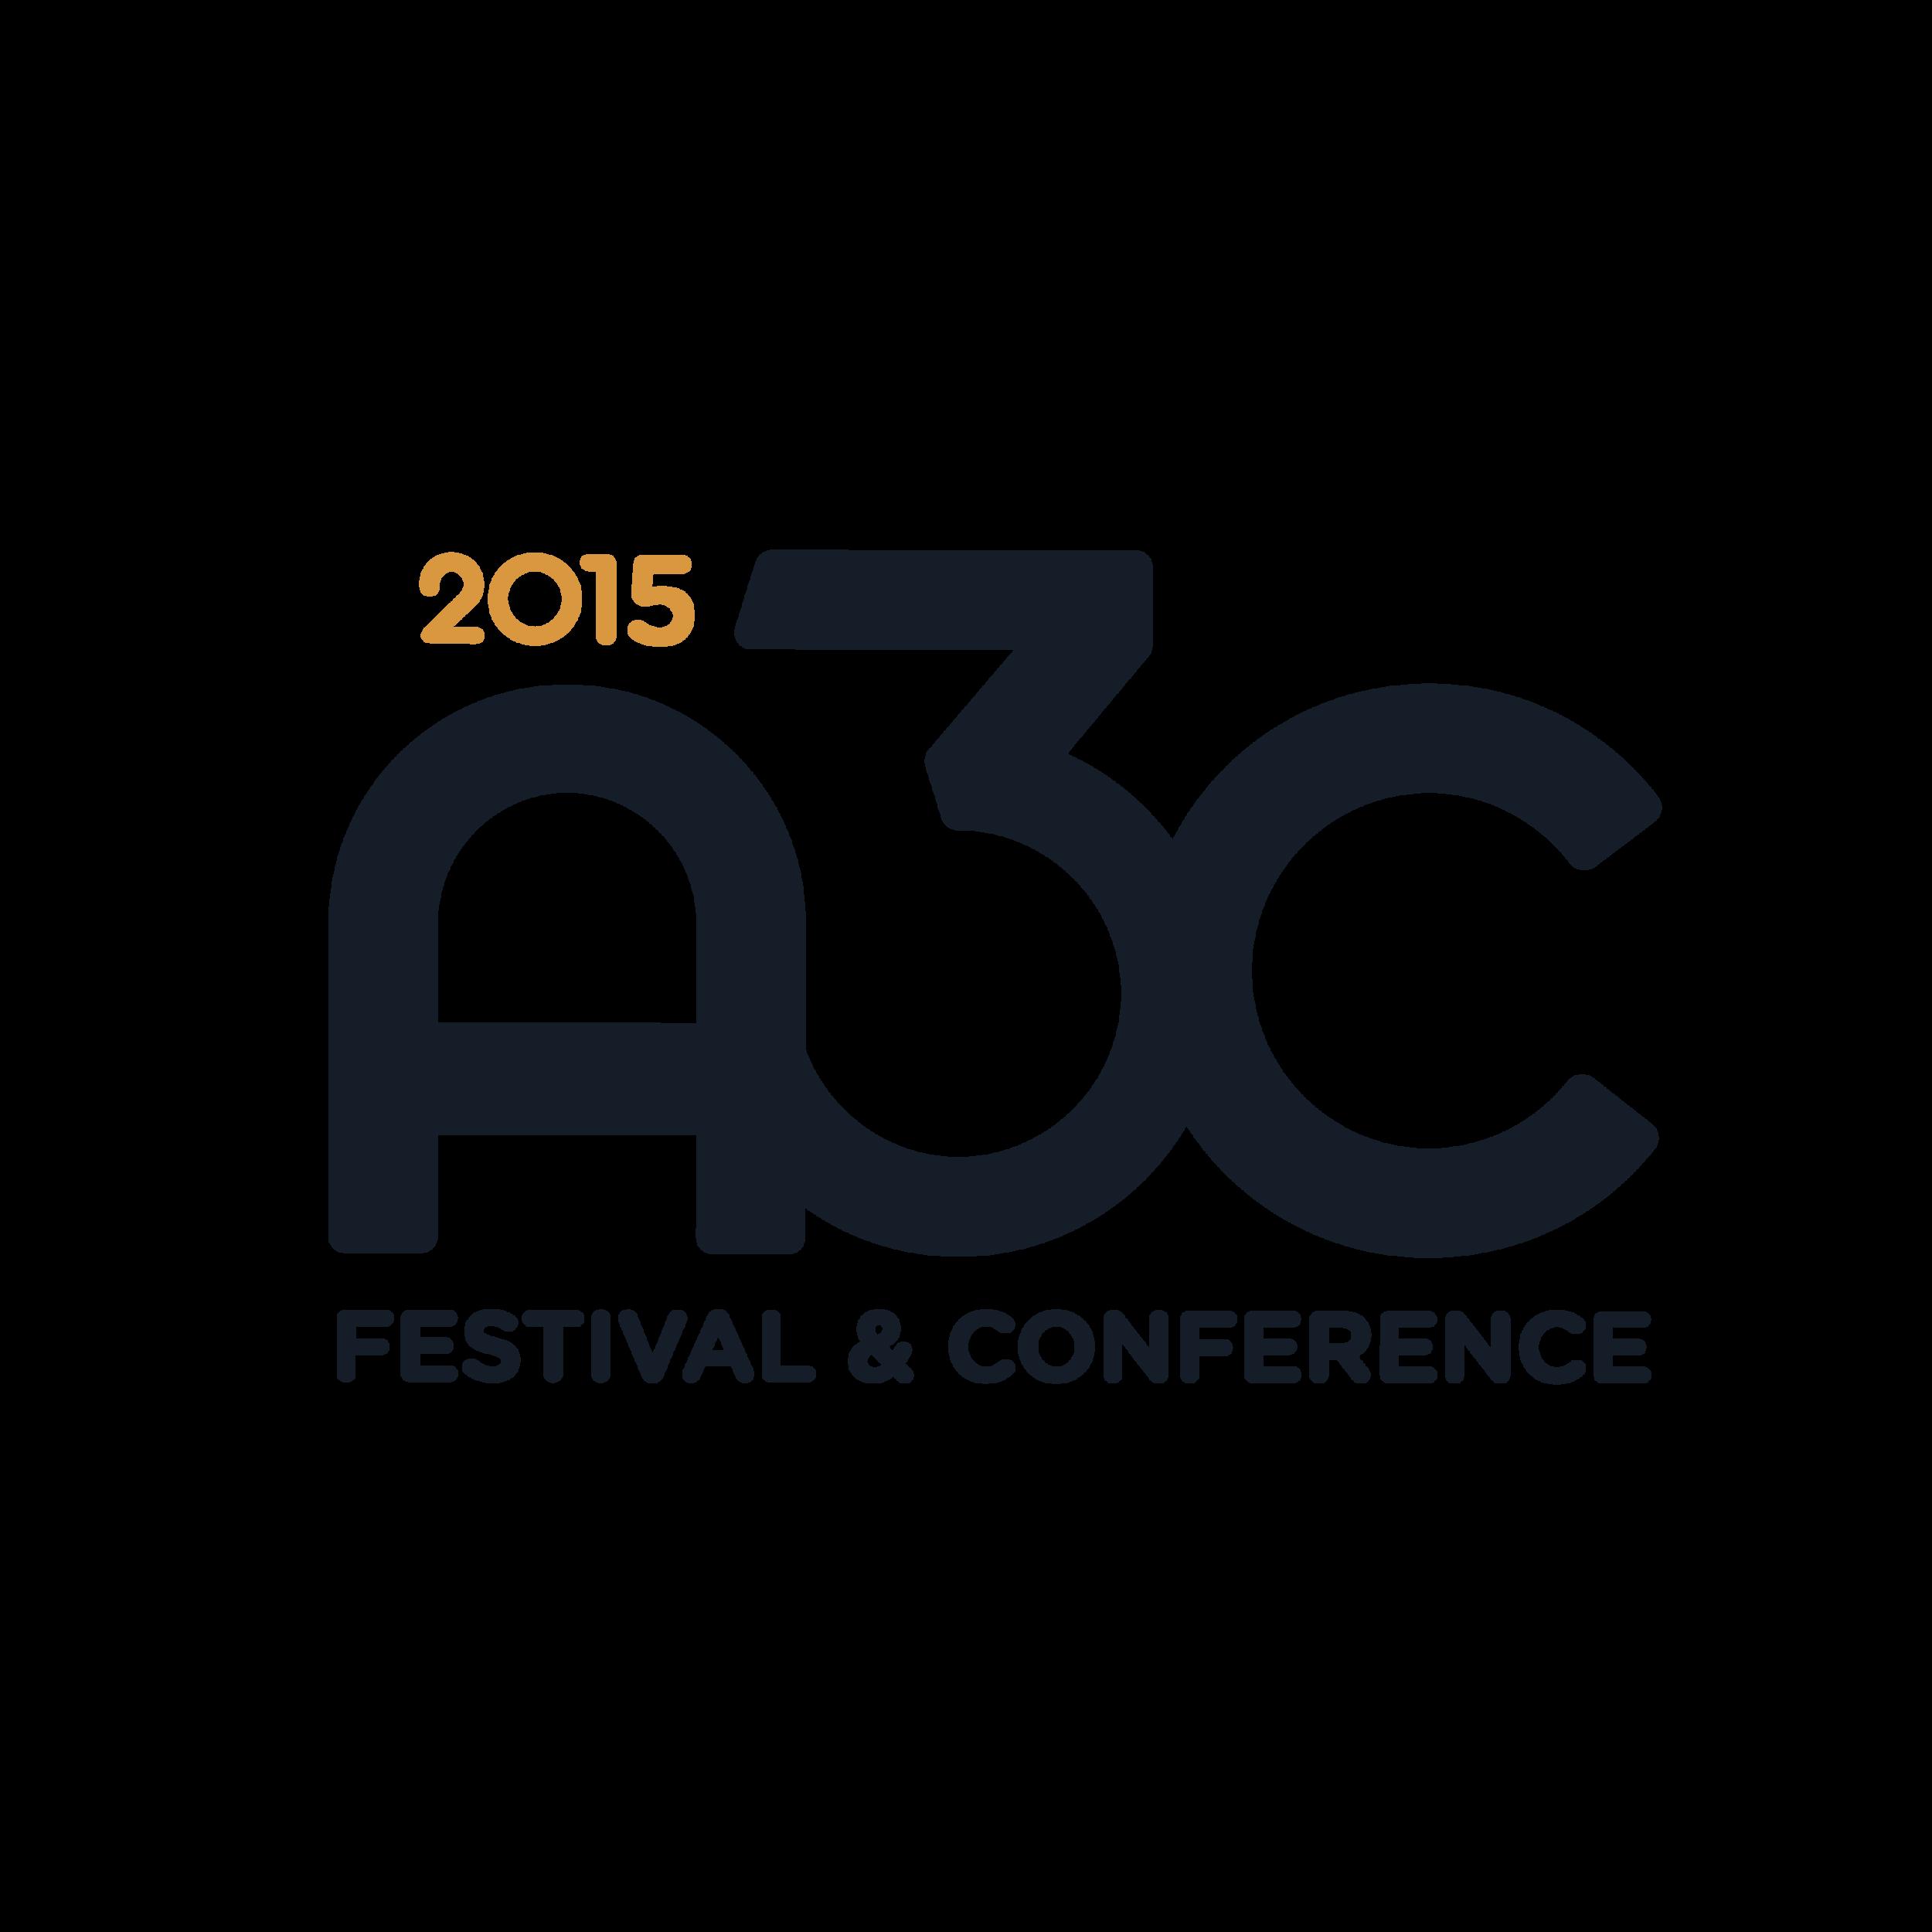 2015_A3C_Logos-01.png